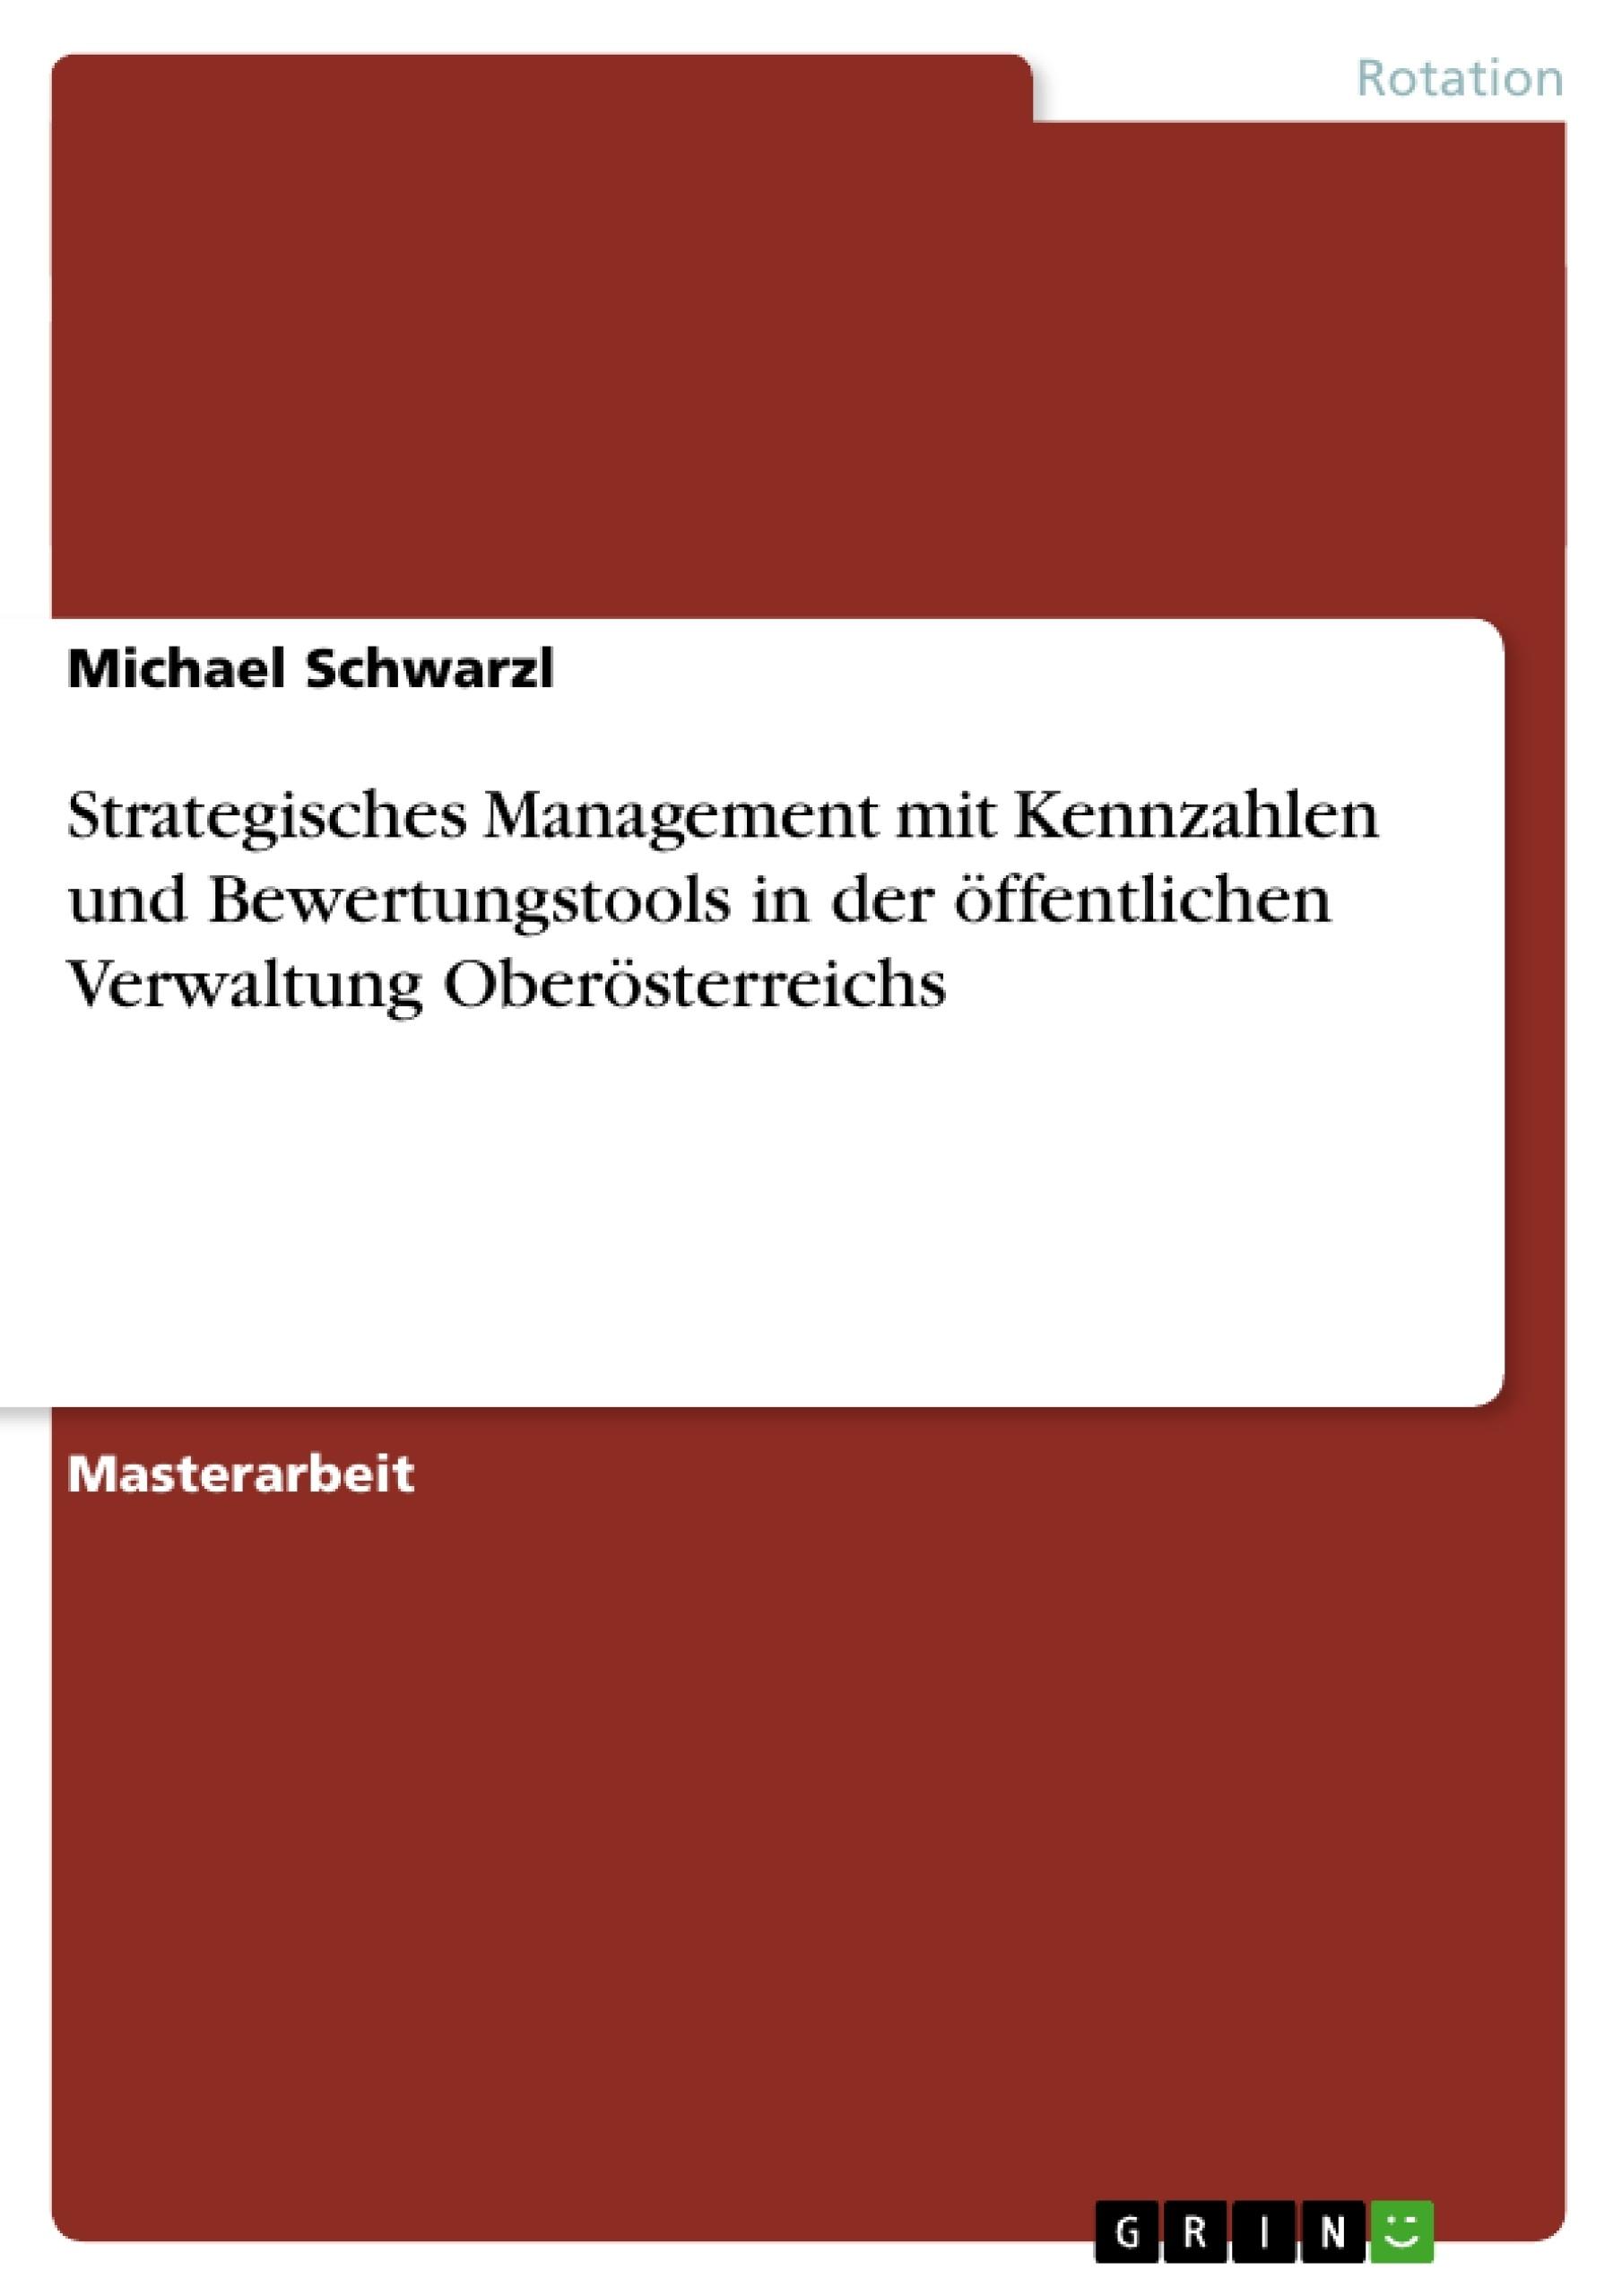 Titel: Strategisches Management mit Kennzahlen und Bewertungstools in der öffentlichen Verwaltung Oberösterreichs